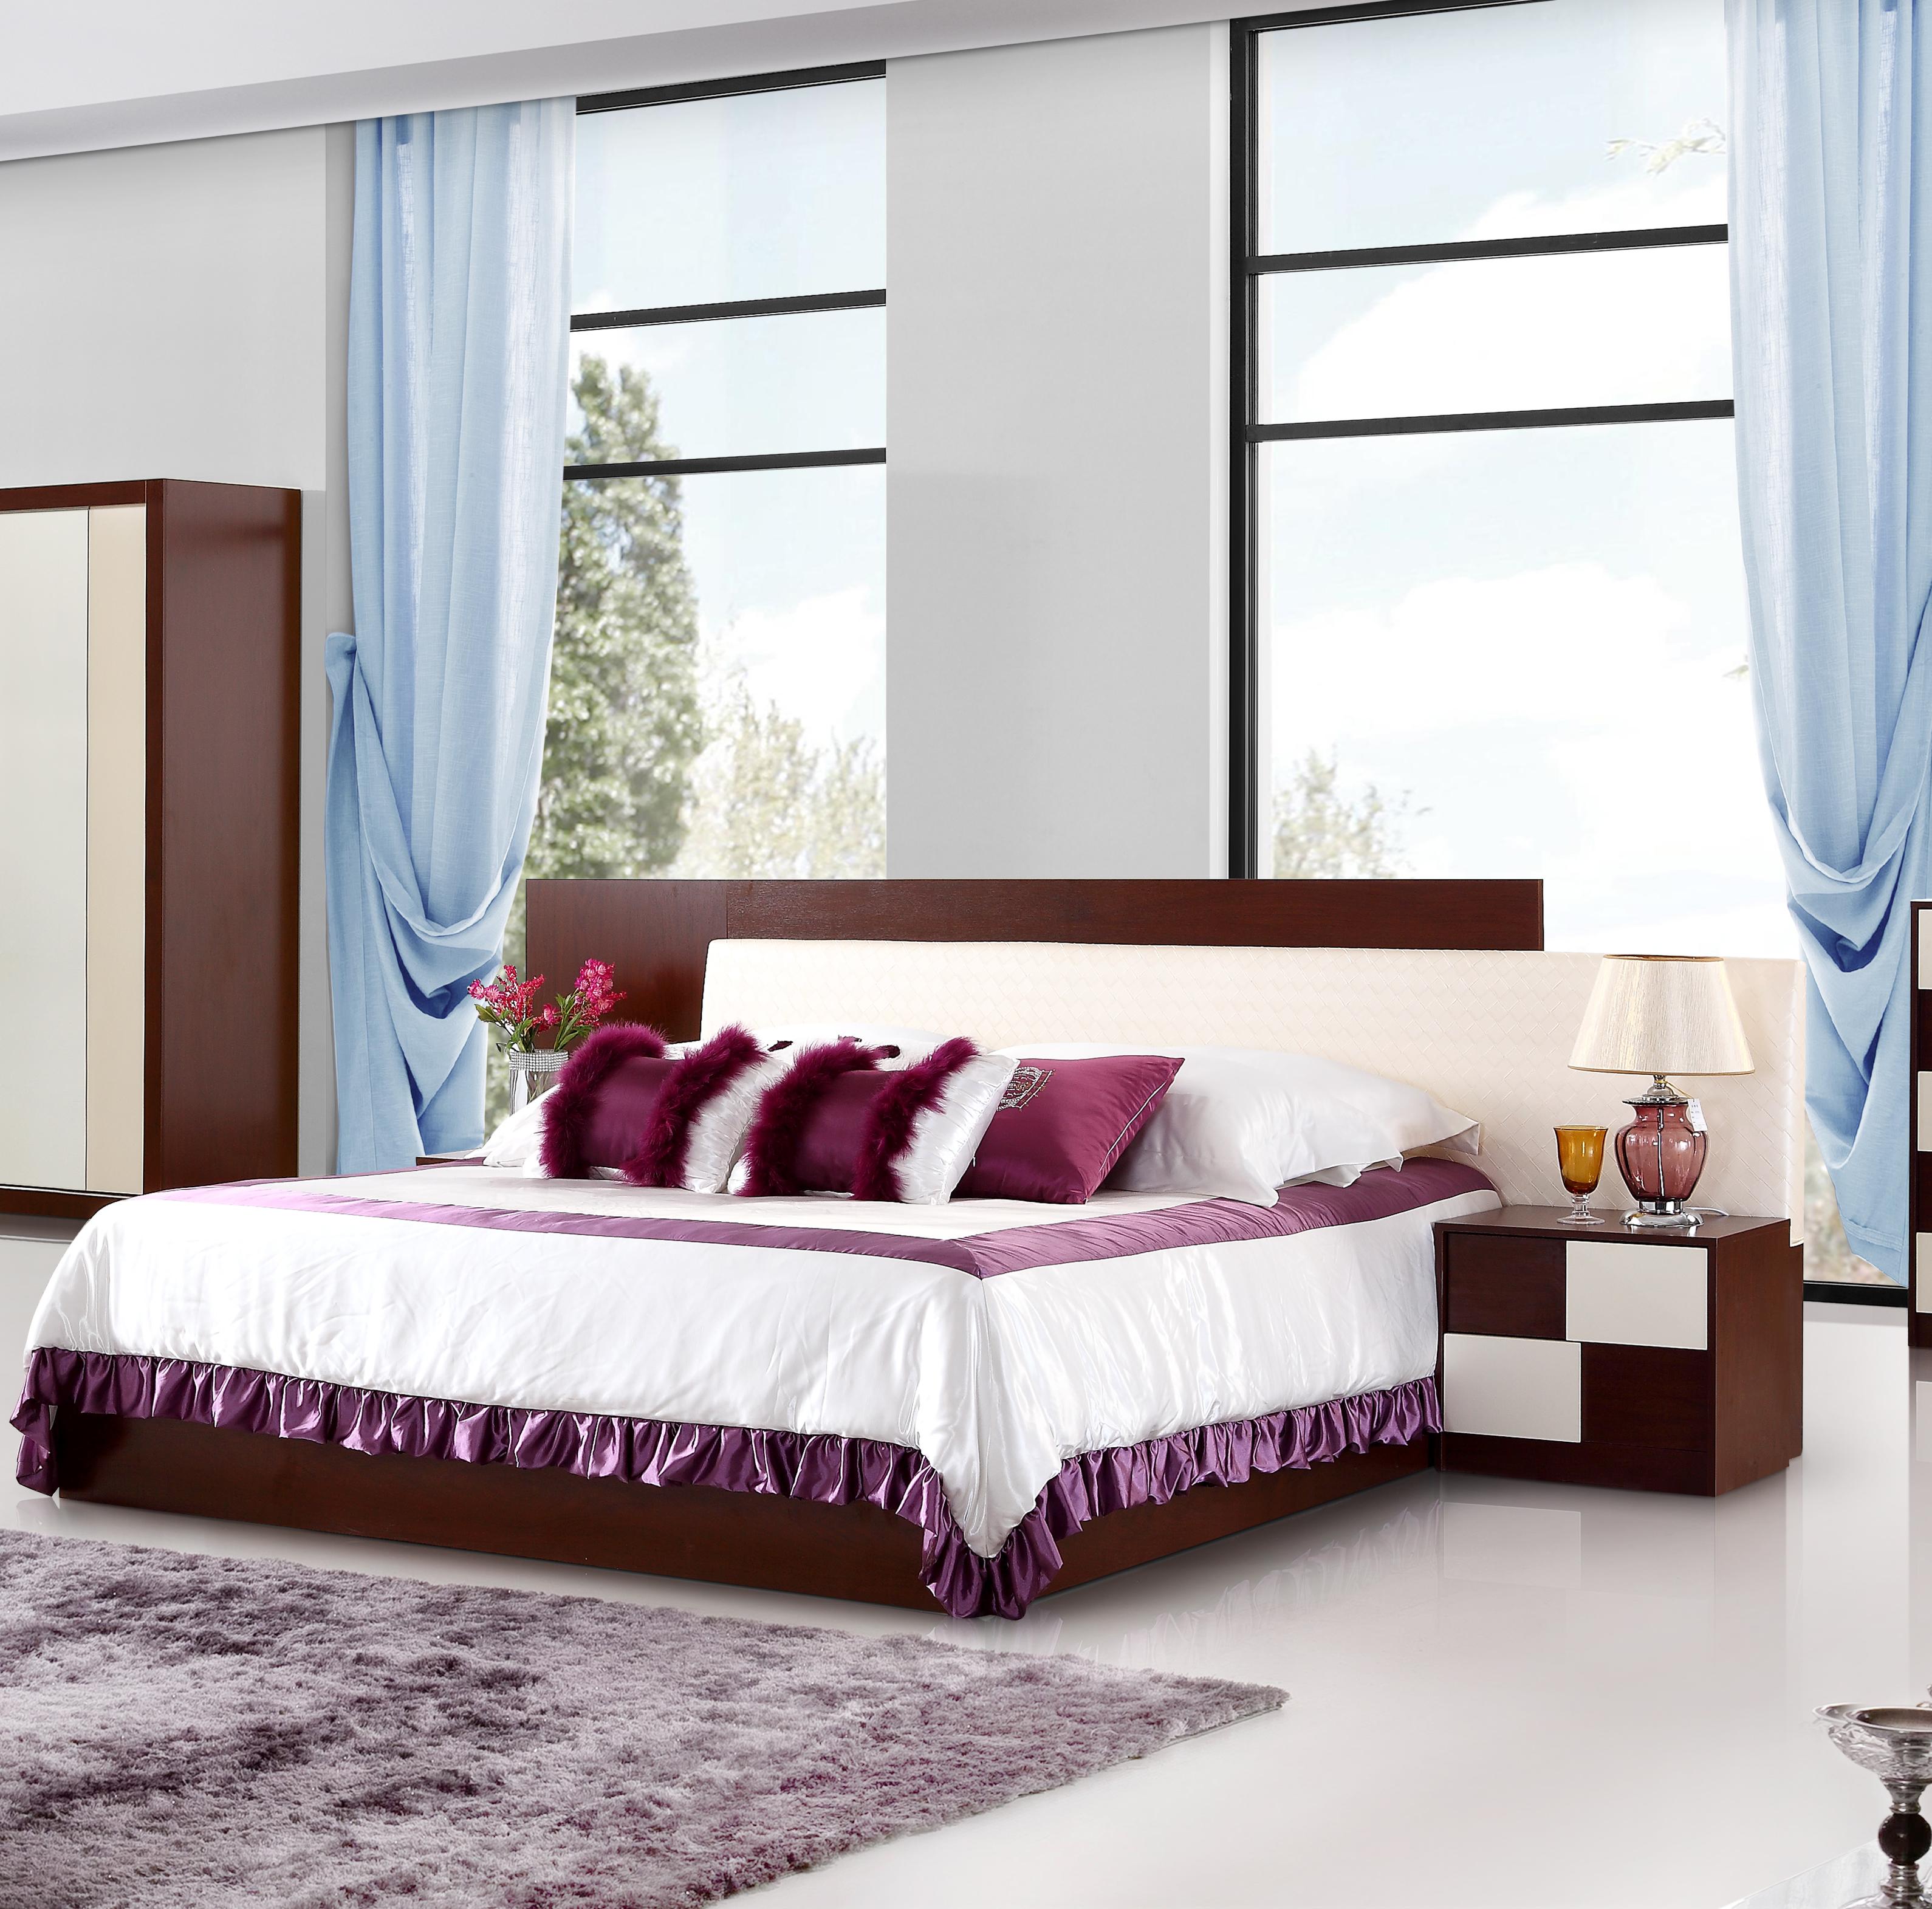 Modern Bed Room Furniture Bedroom Set King Size China Bedroom